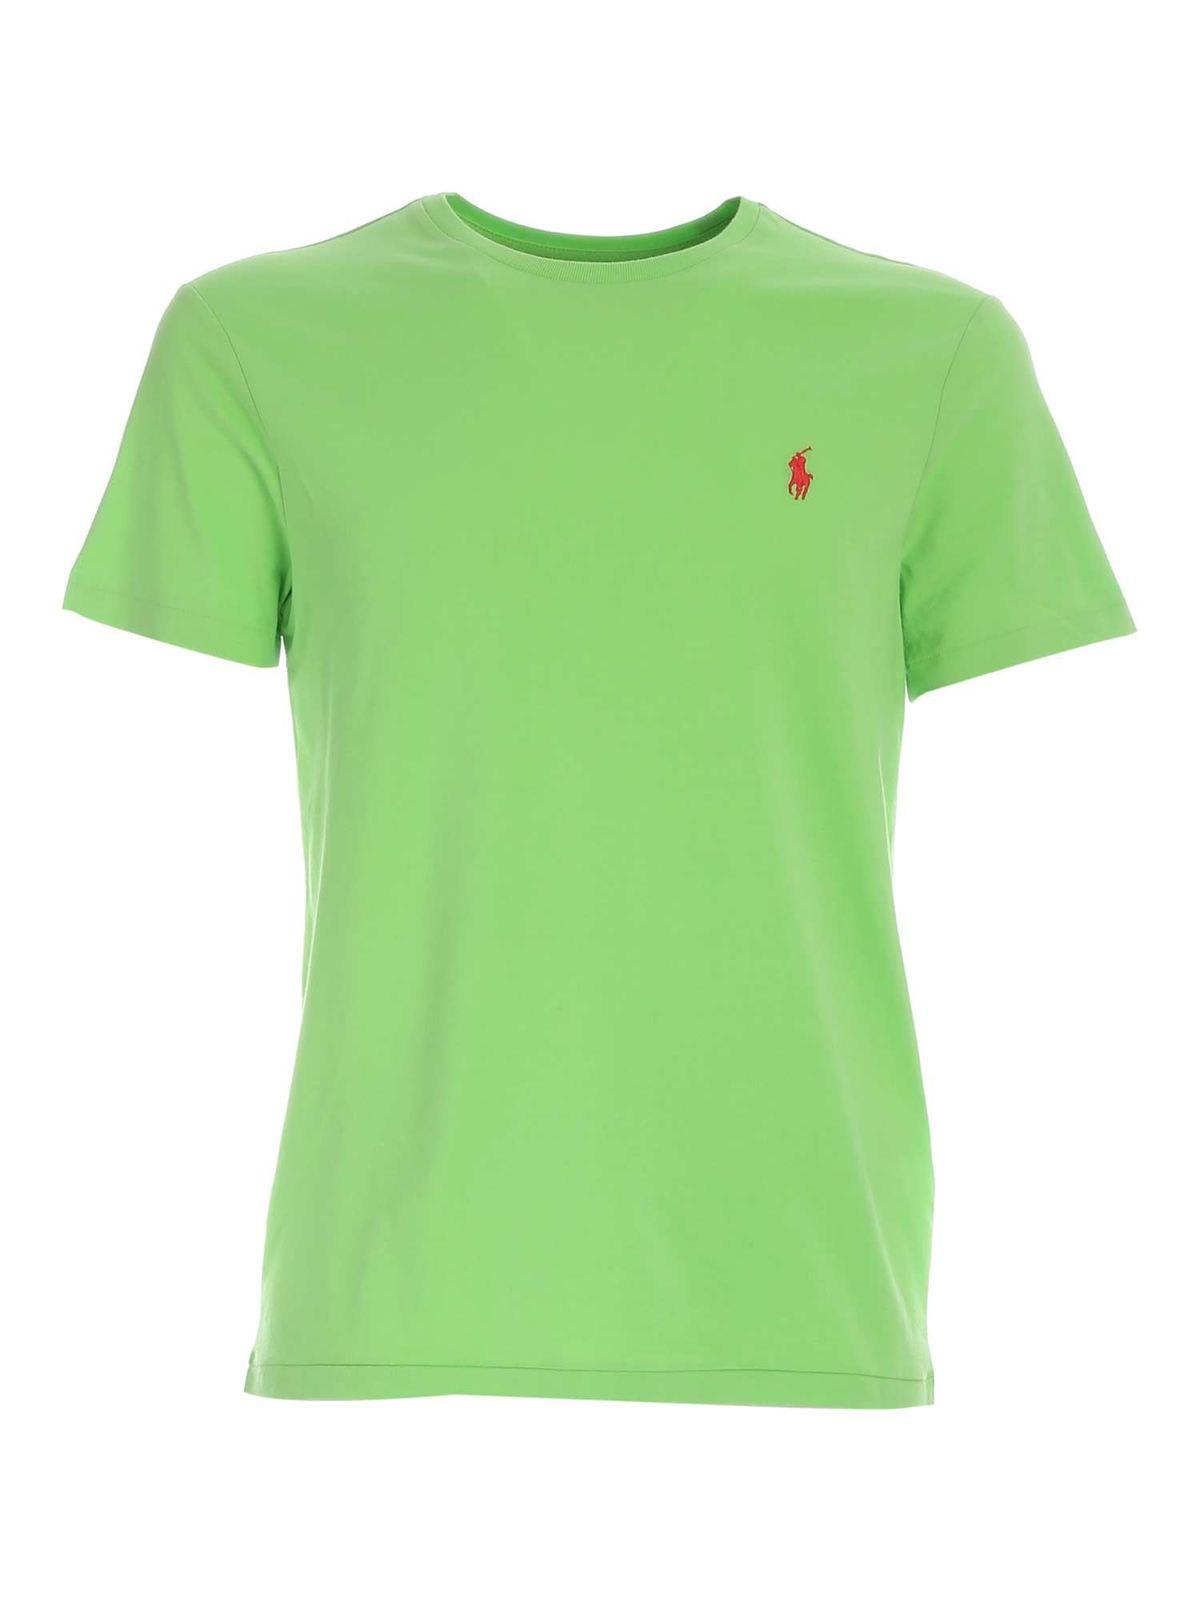 Polo Ralph Lauren RED LOGO T-SHIRT IN GREEN